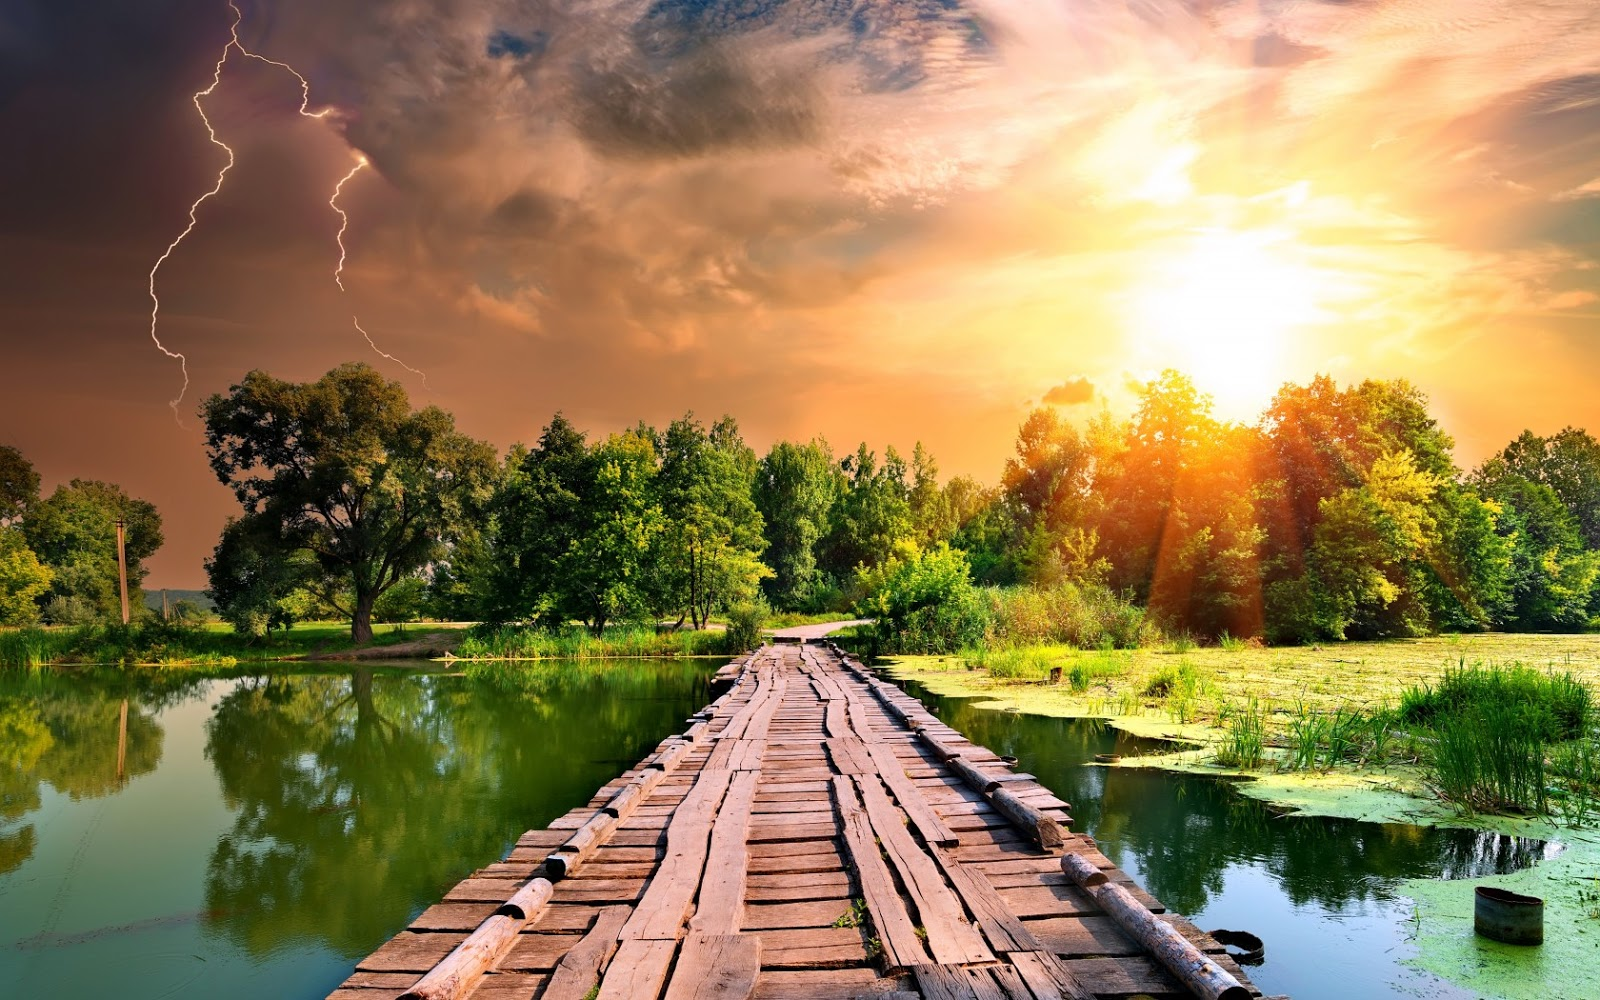 Cảnh đẹp thiên nhiên cây cầu gỗ vươn ra mặt hồ